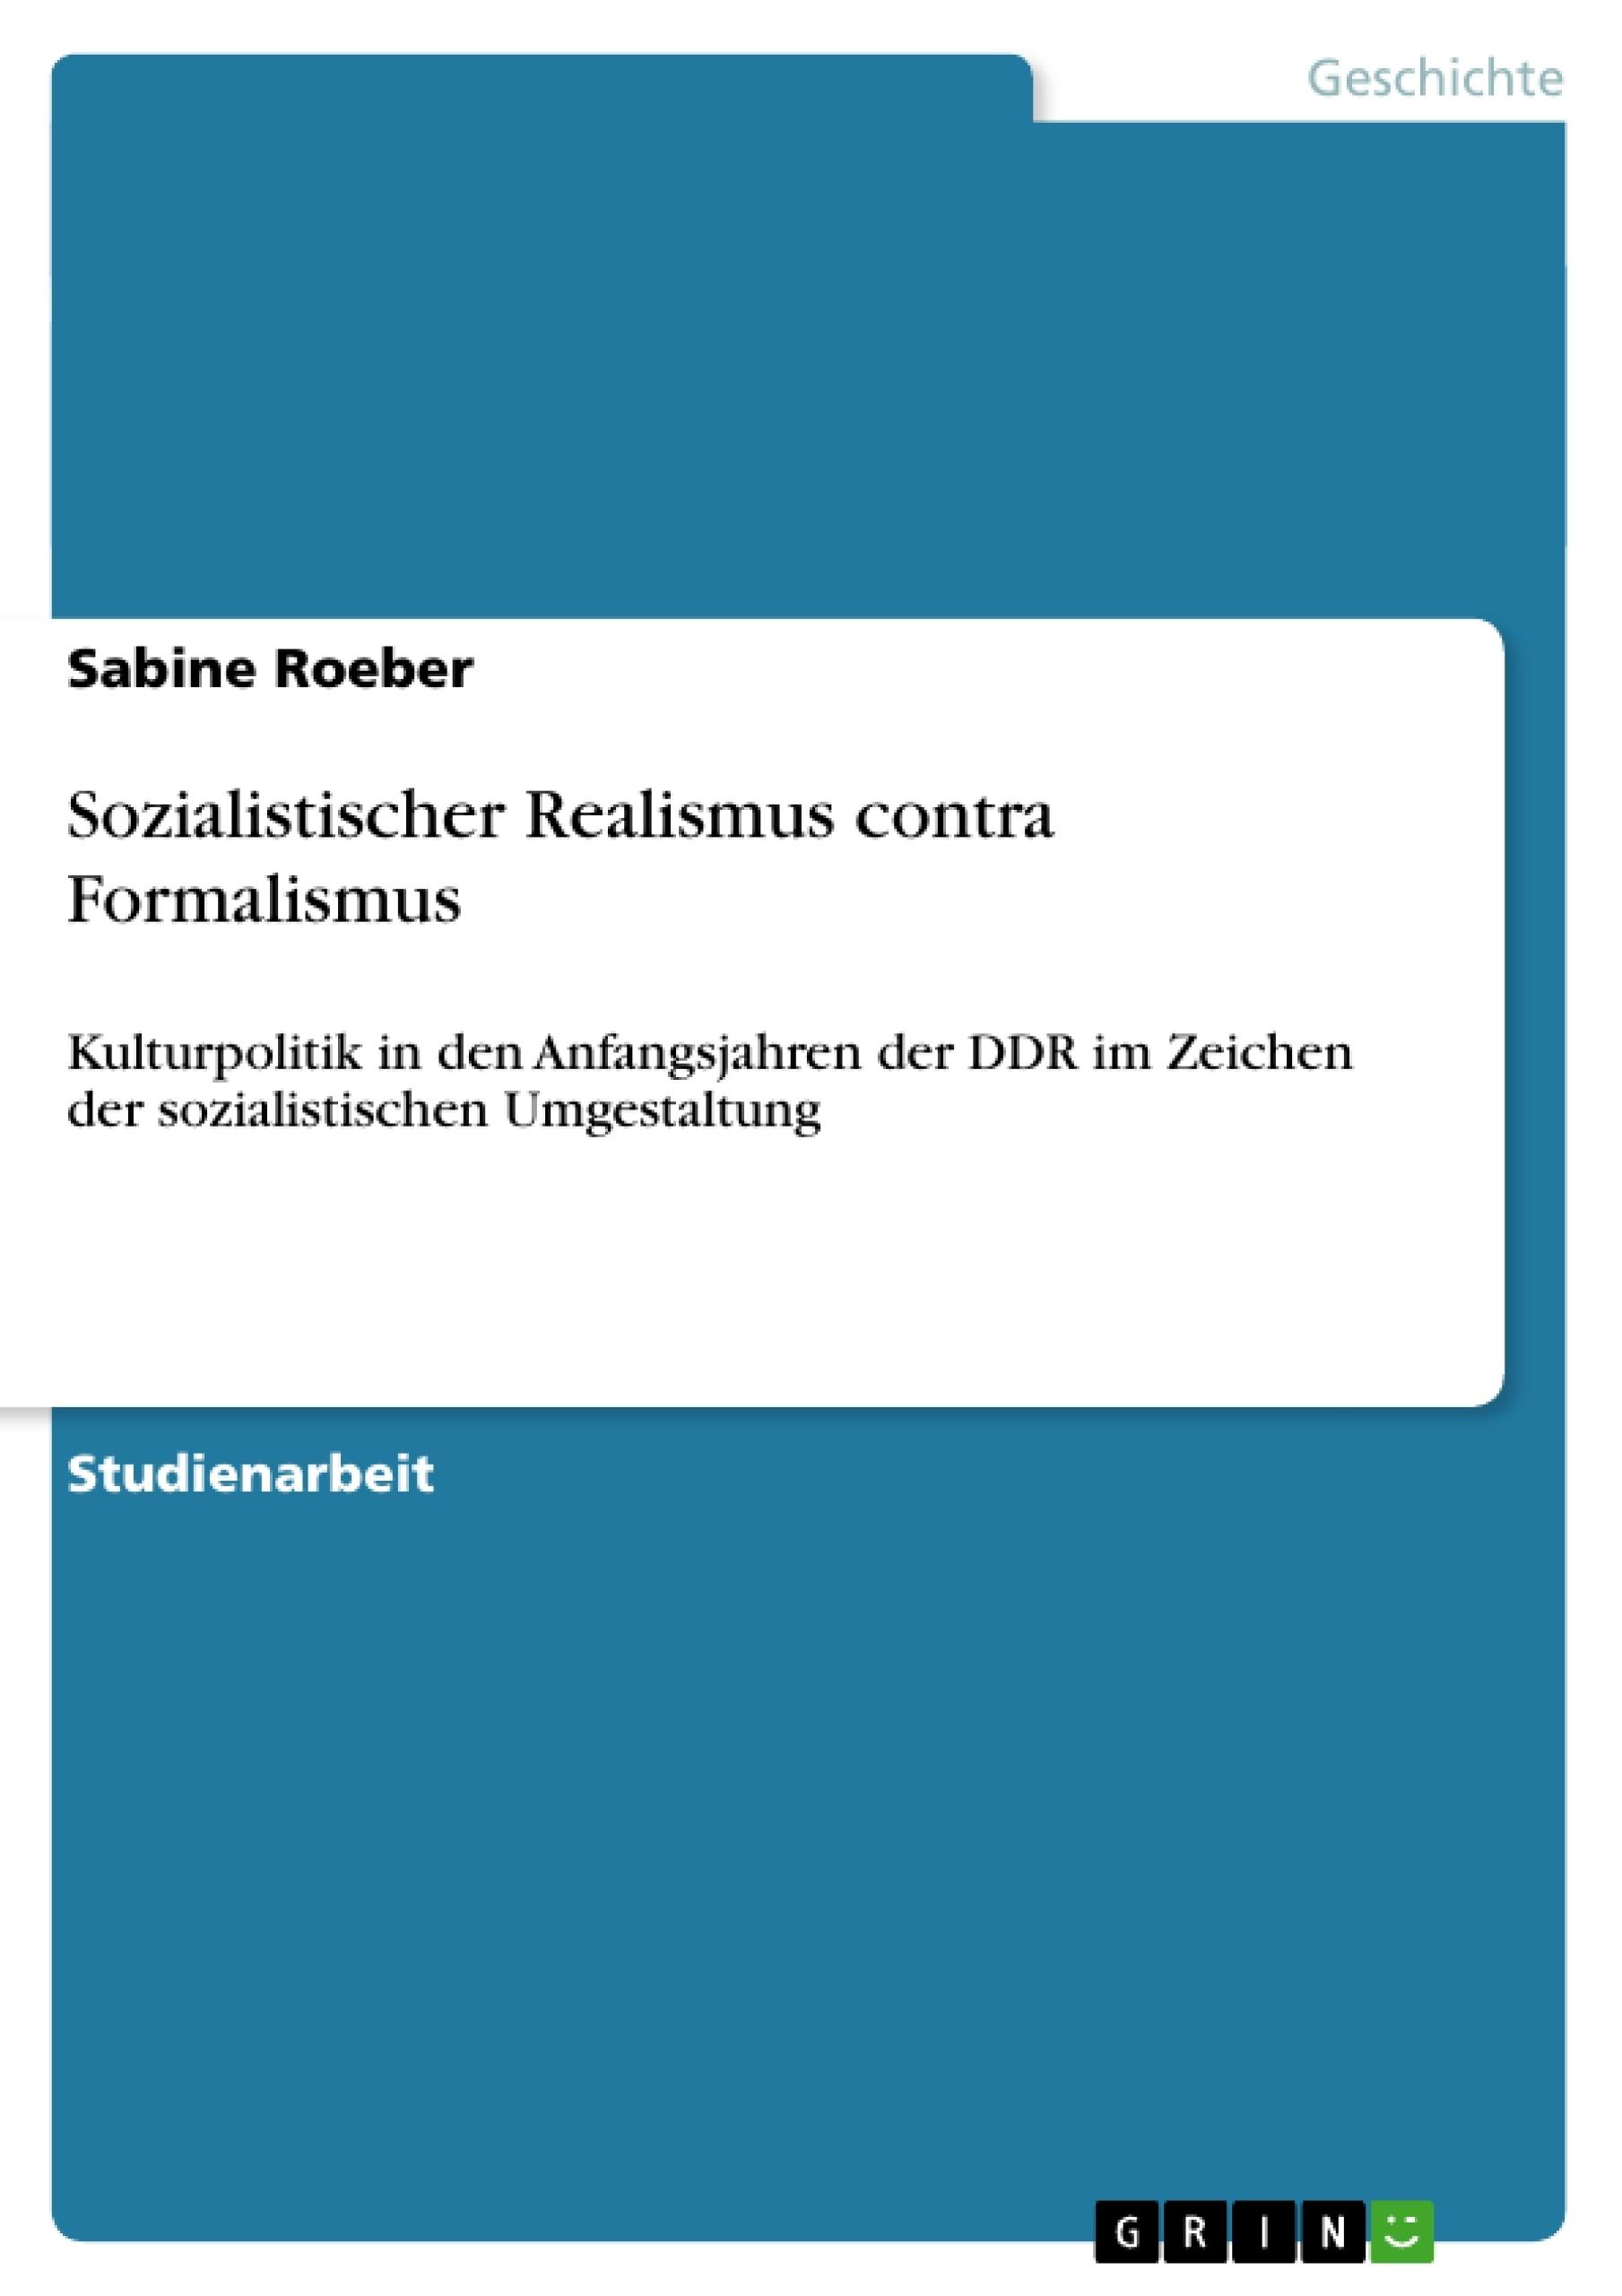 Titel: Sozialistischer Realismus contra Formalismus